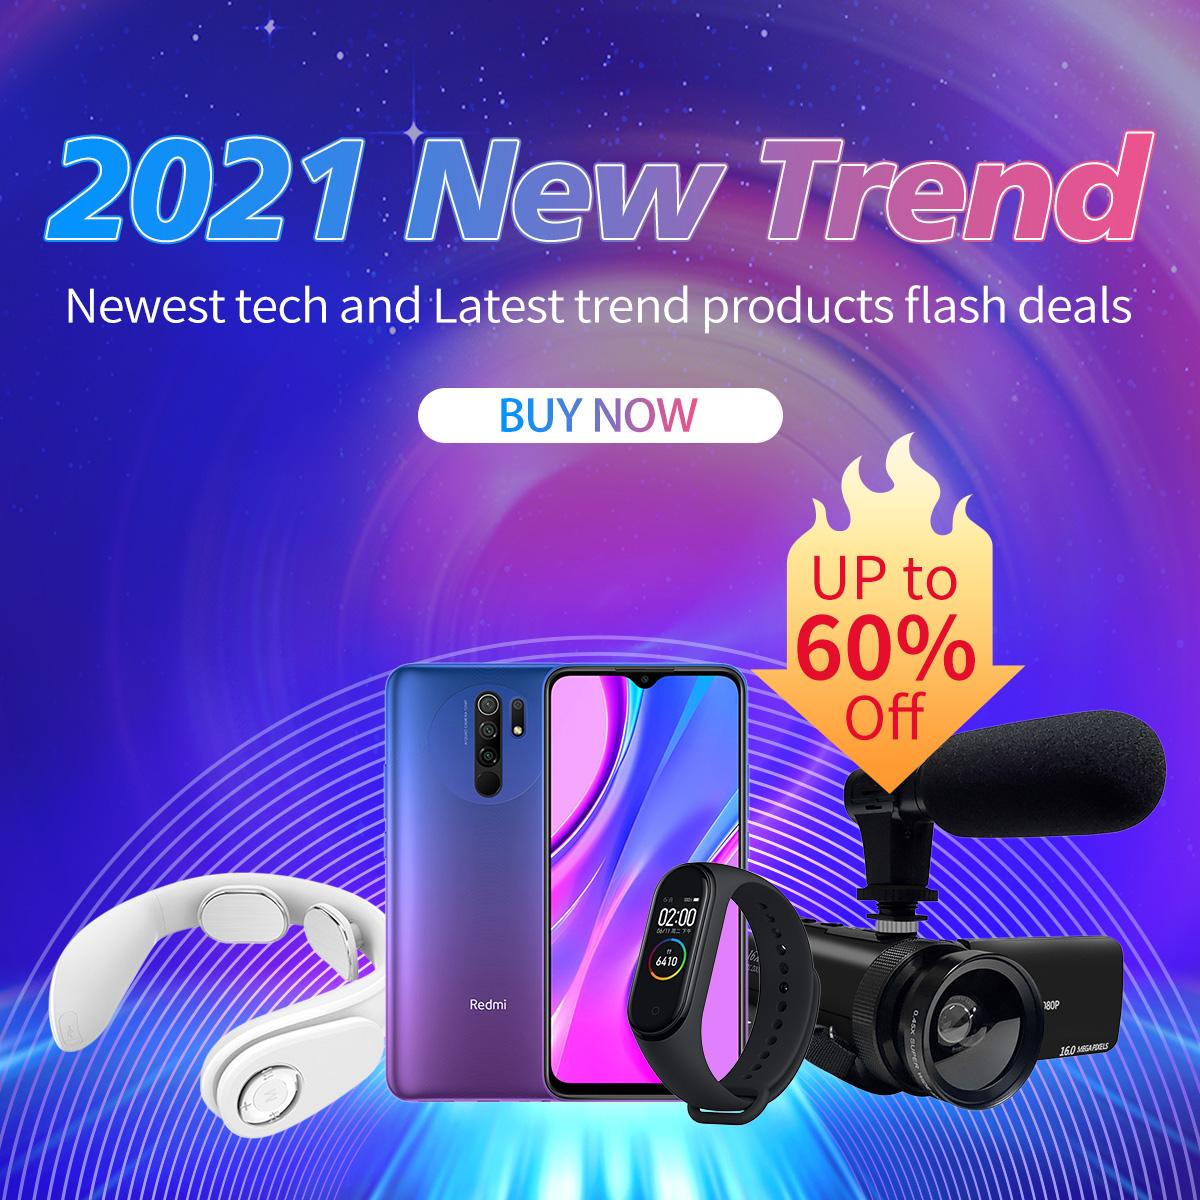 2021 new trend